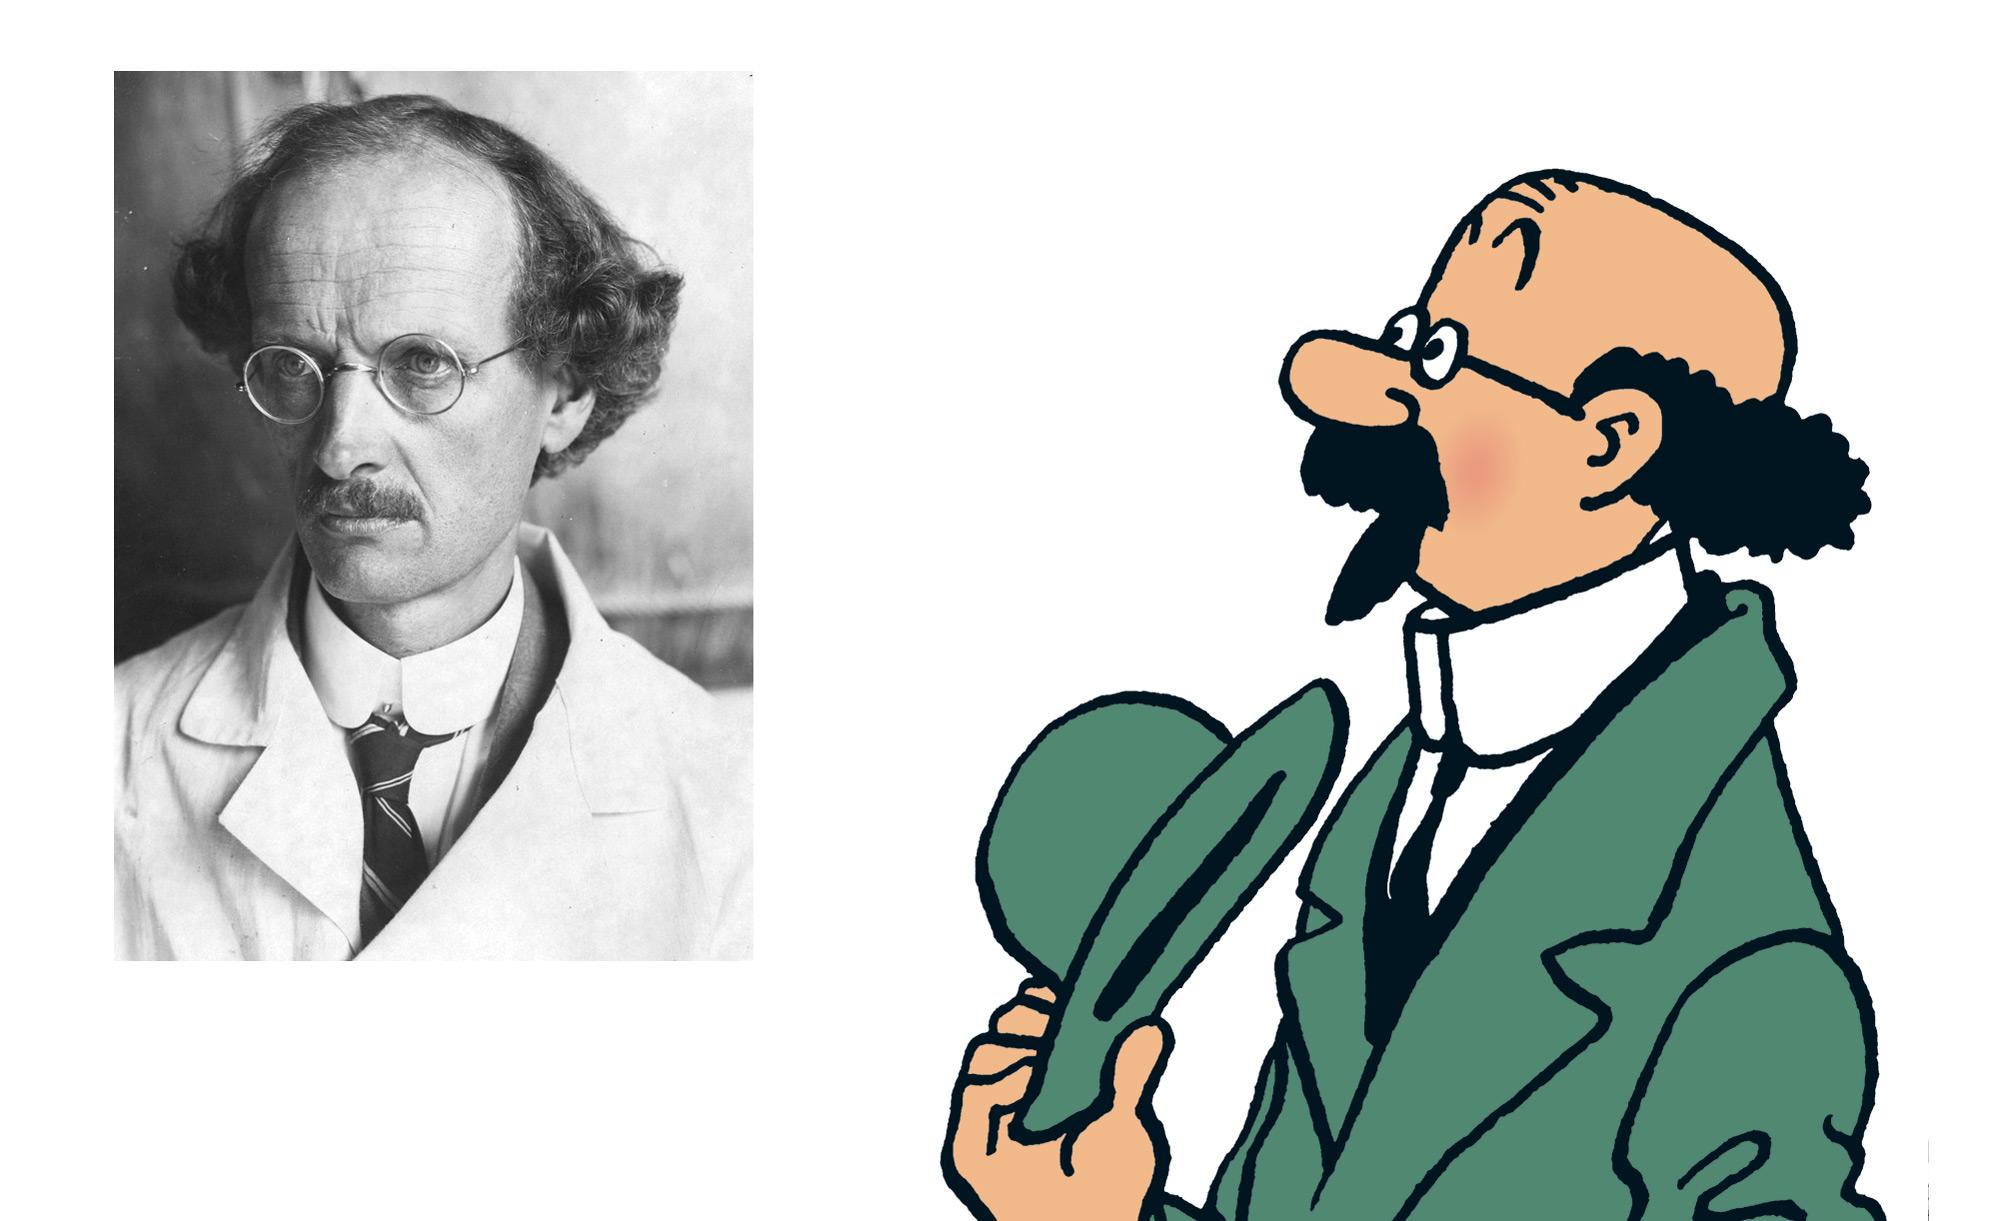 Professor Calculus - Professor Auguste Piccard